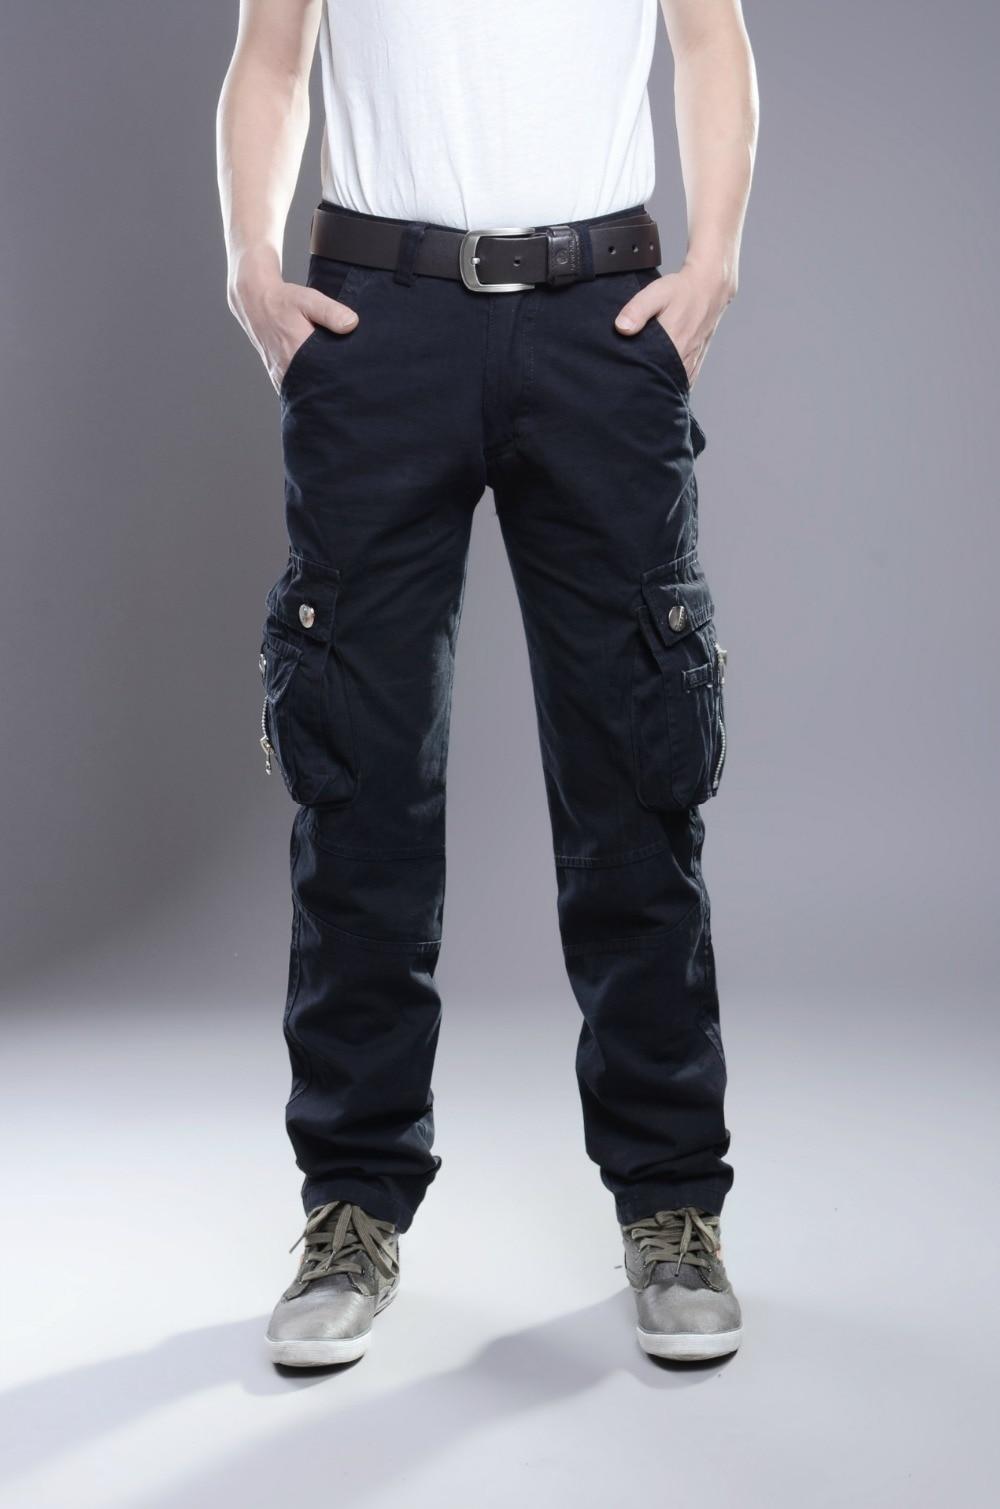 MIXCUBIC стиральная Военная униформа брюки для мужчин износостойкие Брюки Карго Для мужчин комбинезоны мульти-карман комбинезоны для мужчин Размер 28-38